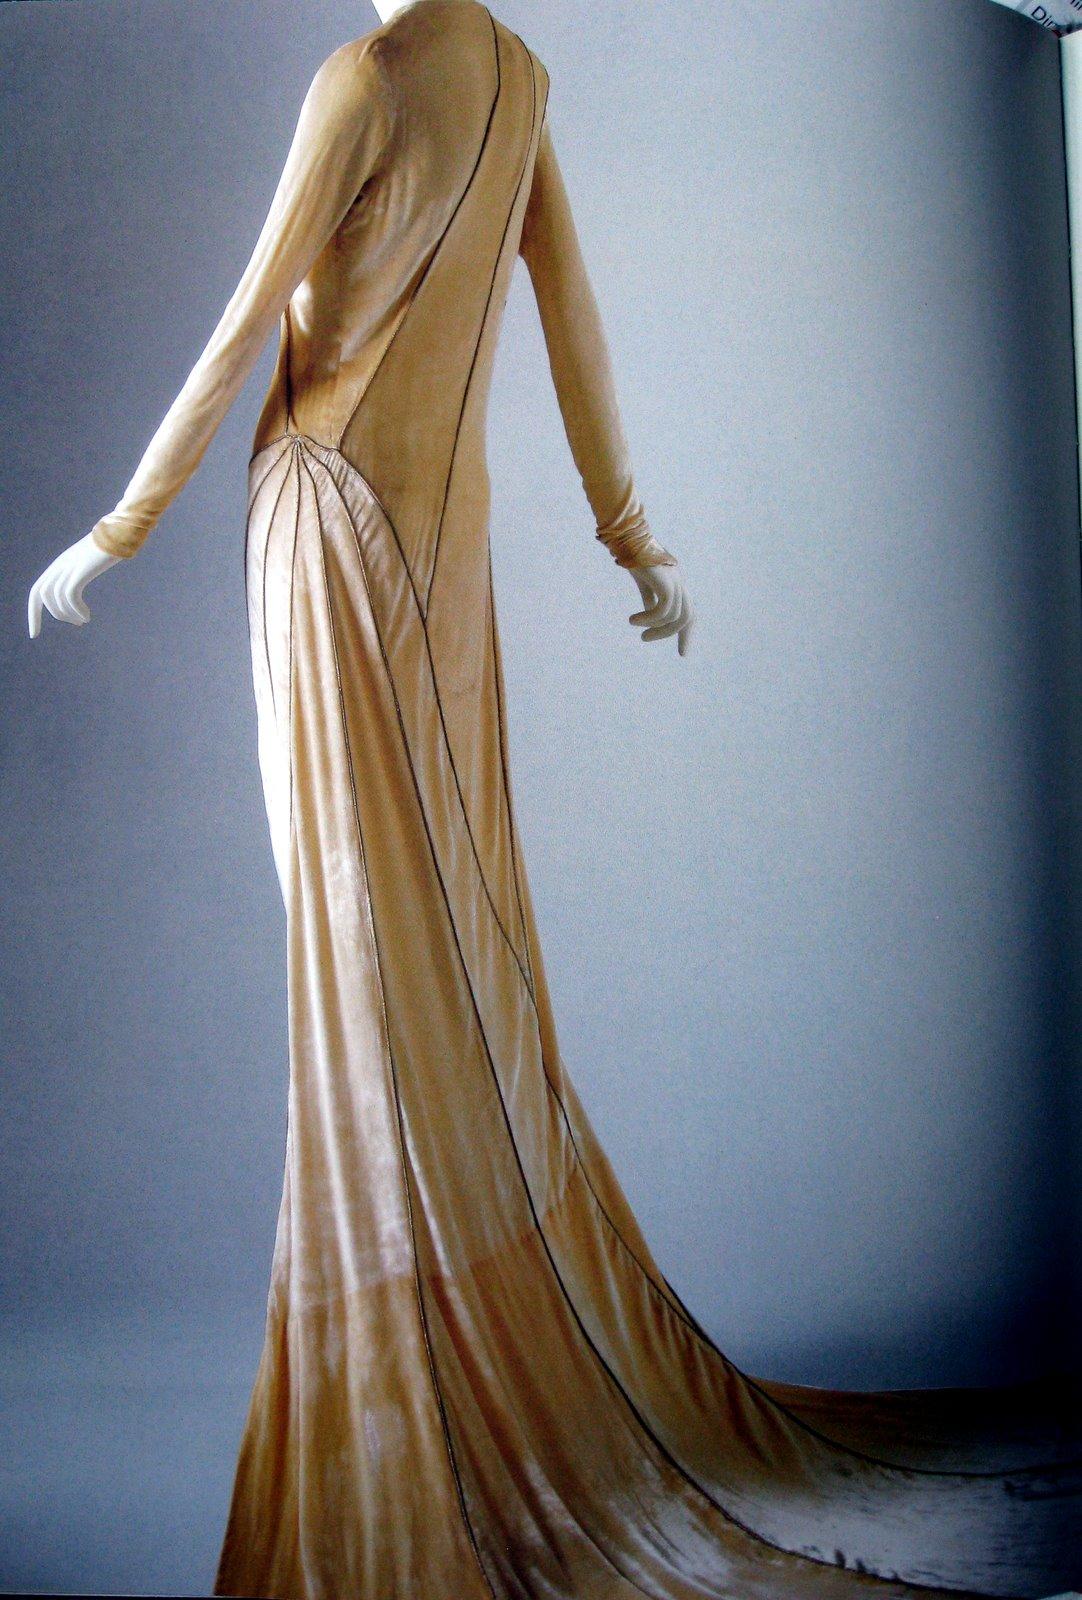 Steffinator 39 s blog black and white fondant for Art deco wedding dresses